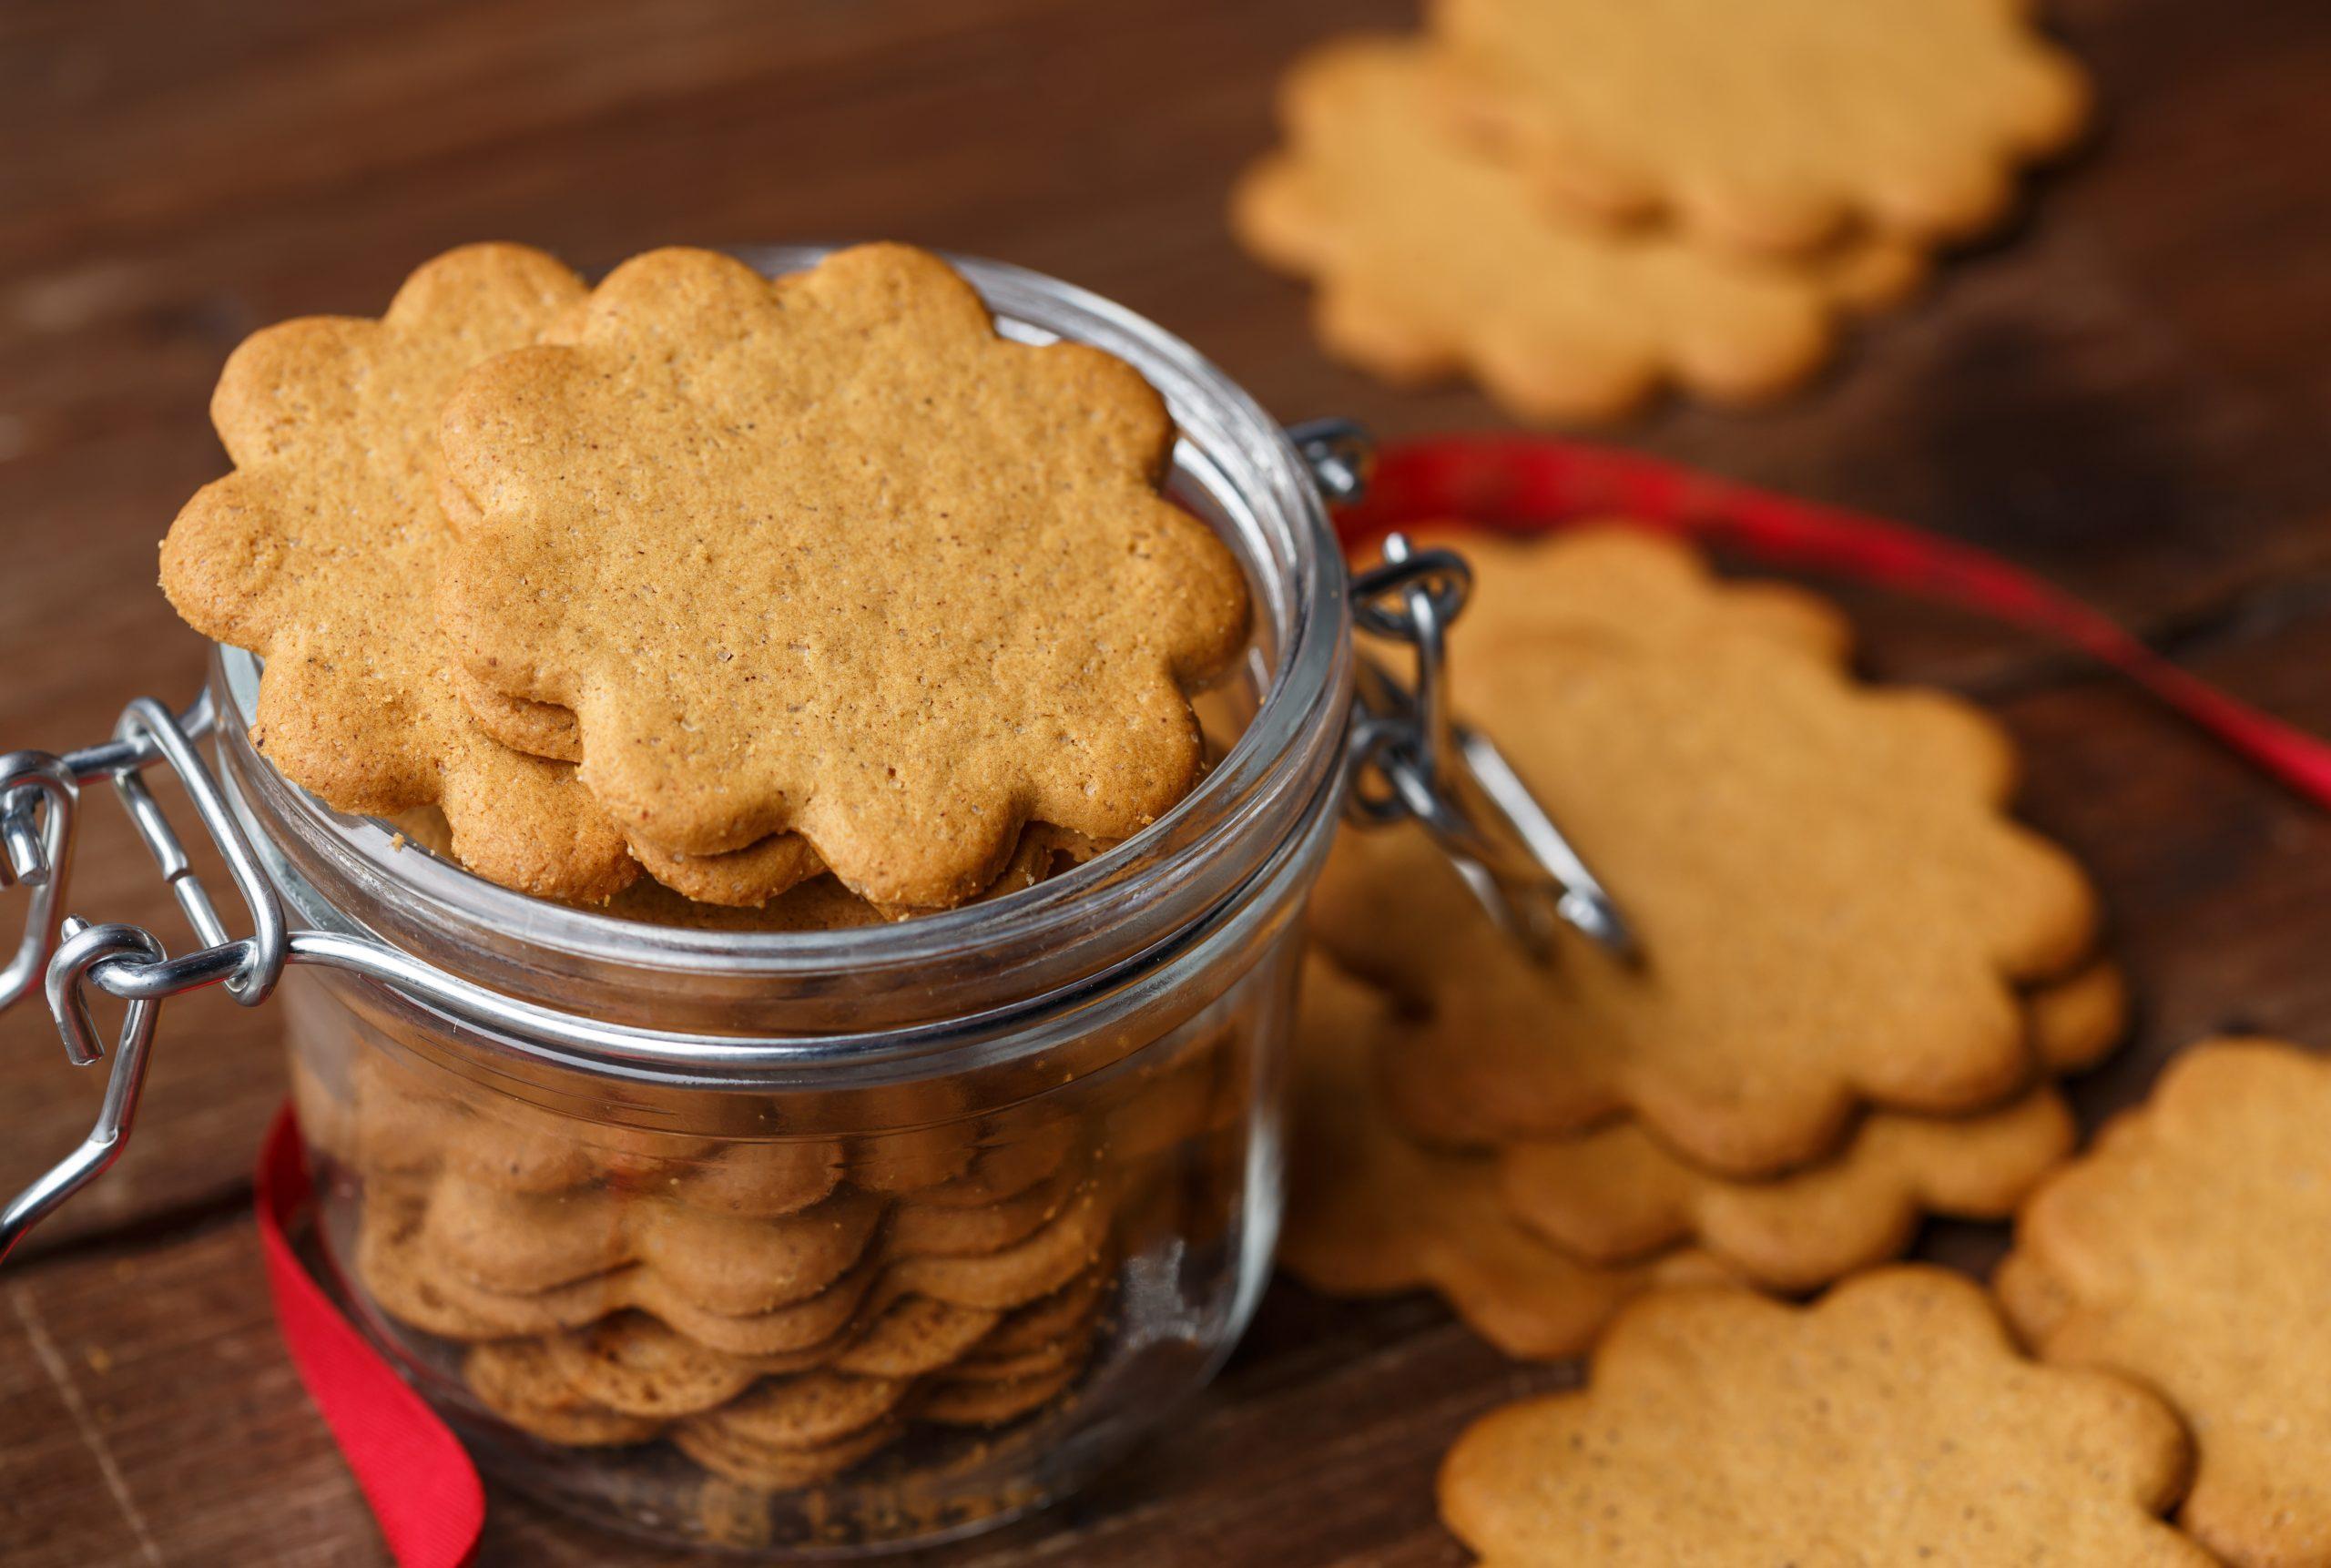 Bakar pepparkakor till fikat inför jul